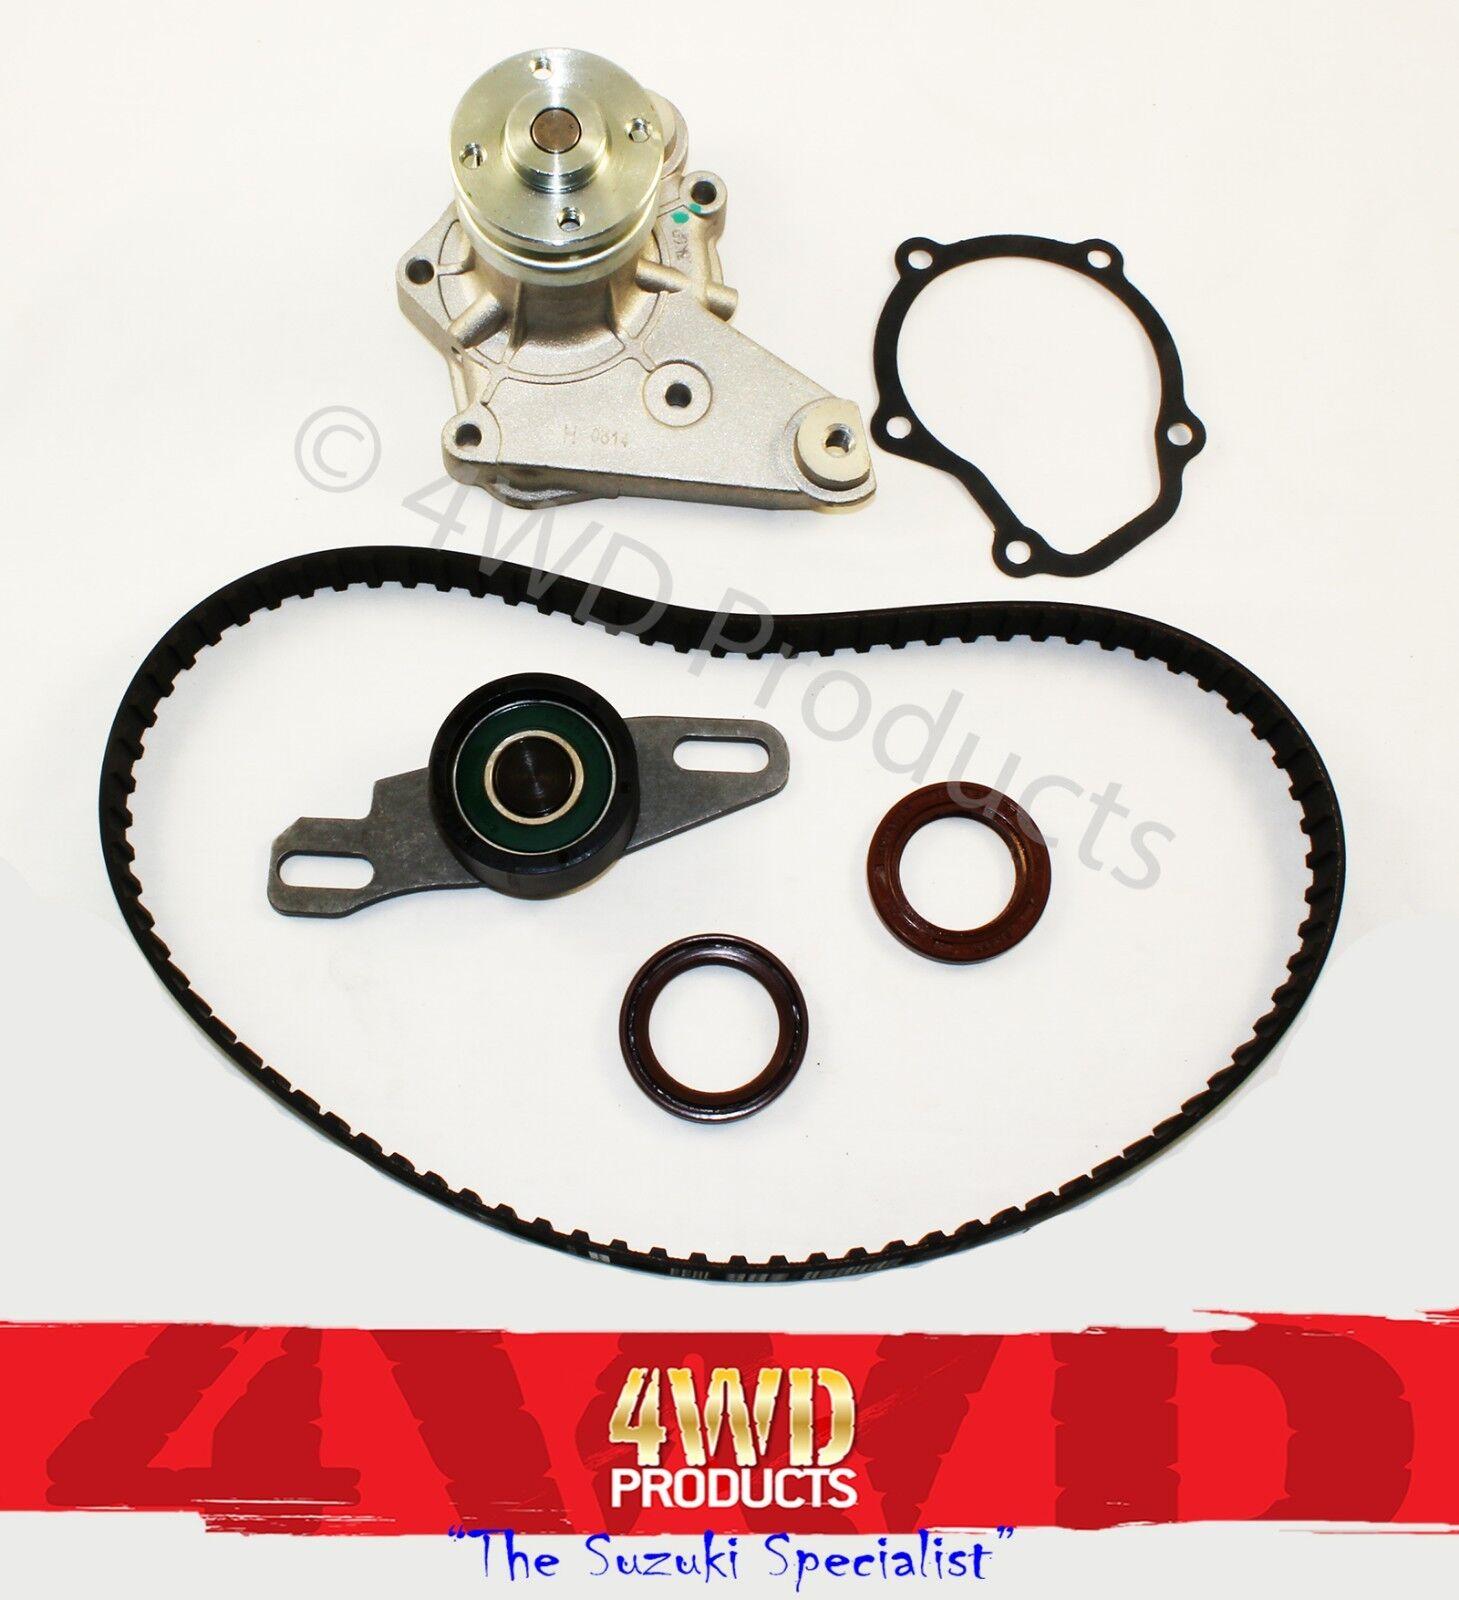 Water Pump Timing Belt Kit Suzuki Lj80 81 F8a 78 Sierra Sj410 Item Description